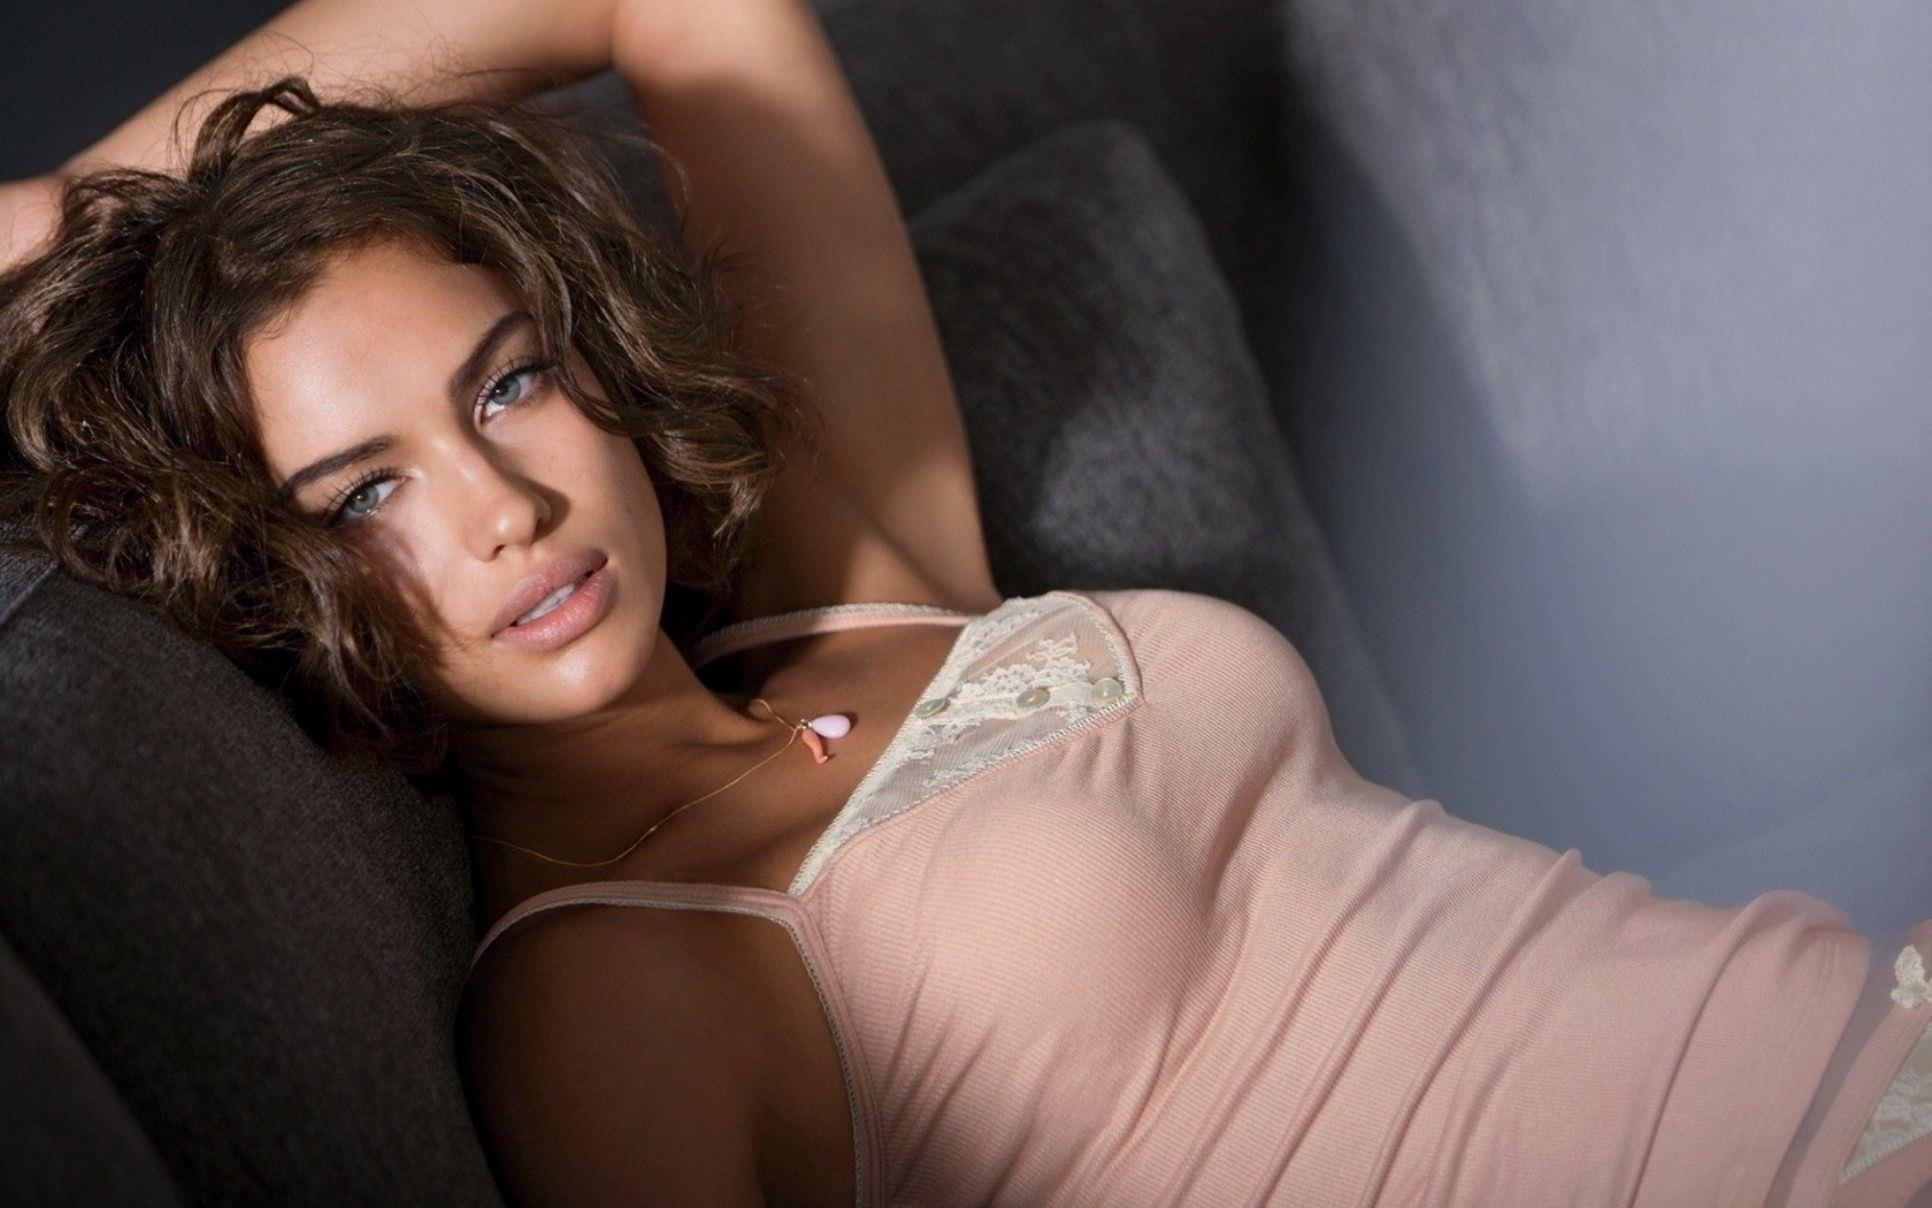 Ирина Шейк выложила в Сеть свои обнаженные фото (без цензуры)